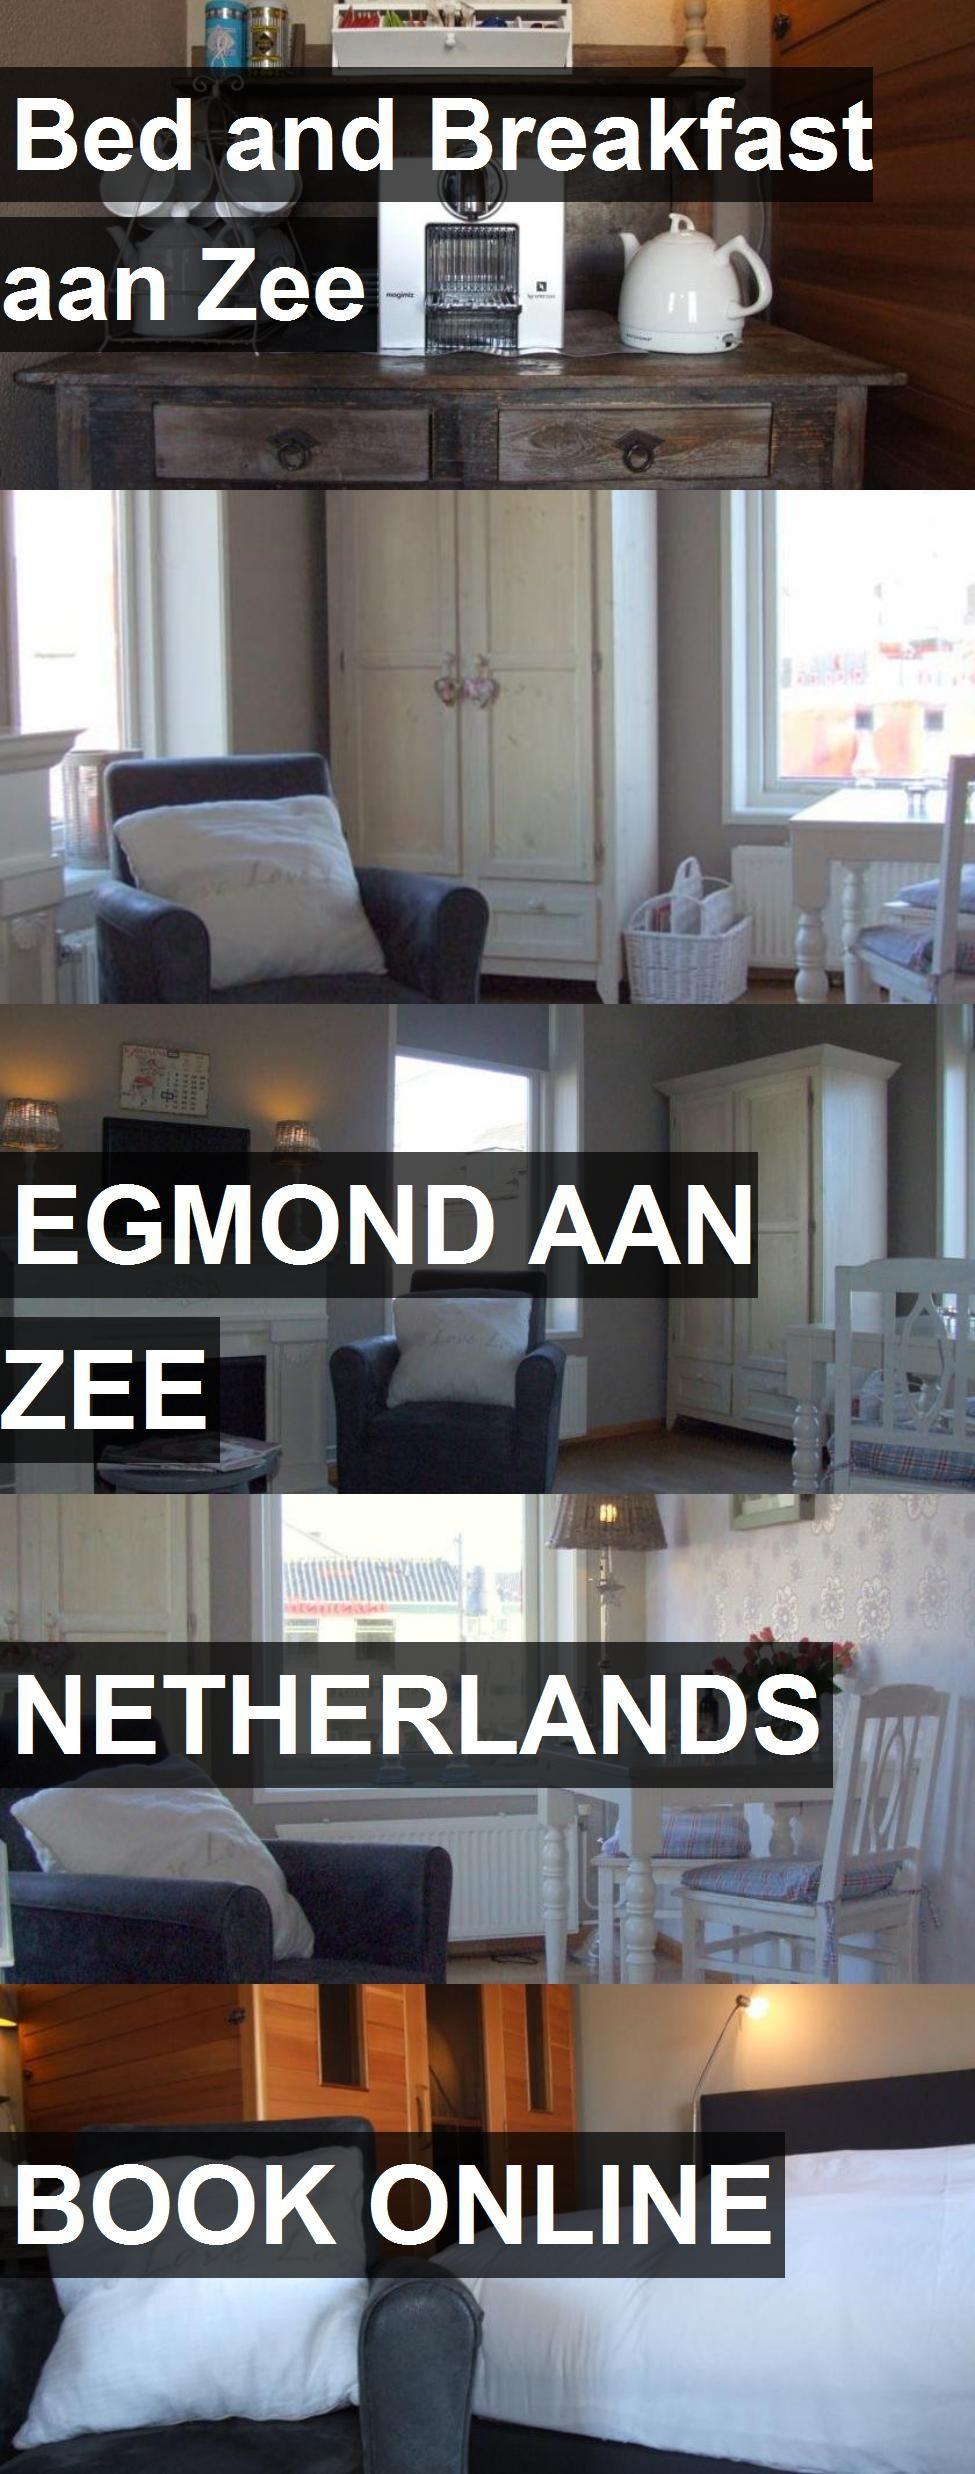 Hotel Bed and Breakfast aan Zee in Egmond Aan Zee